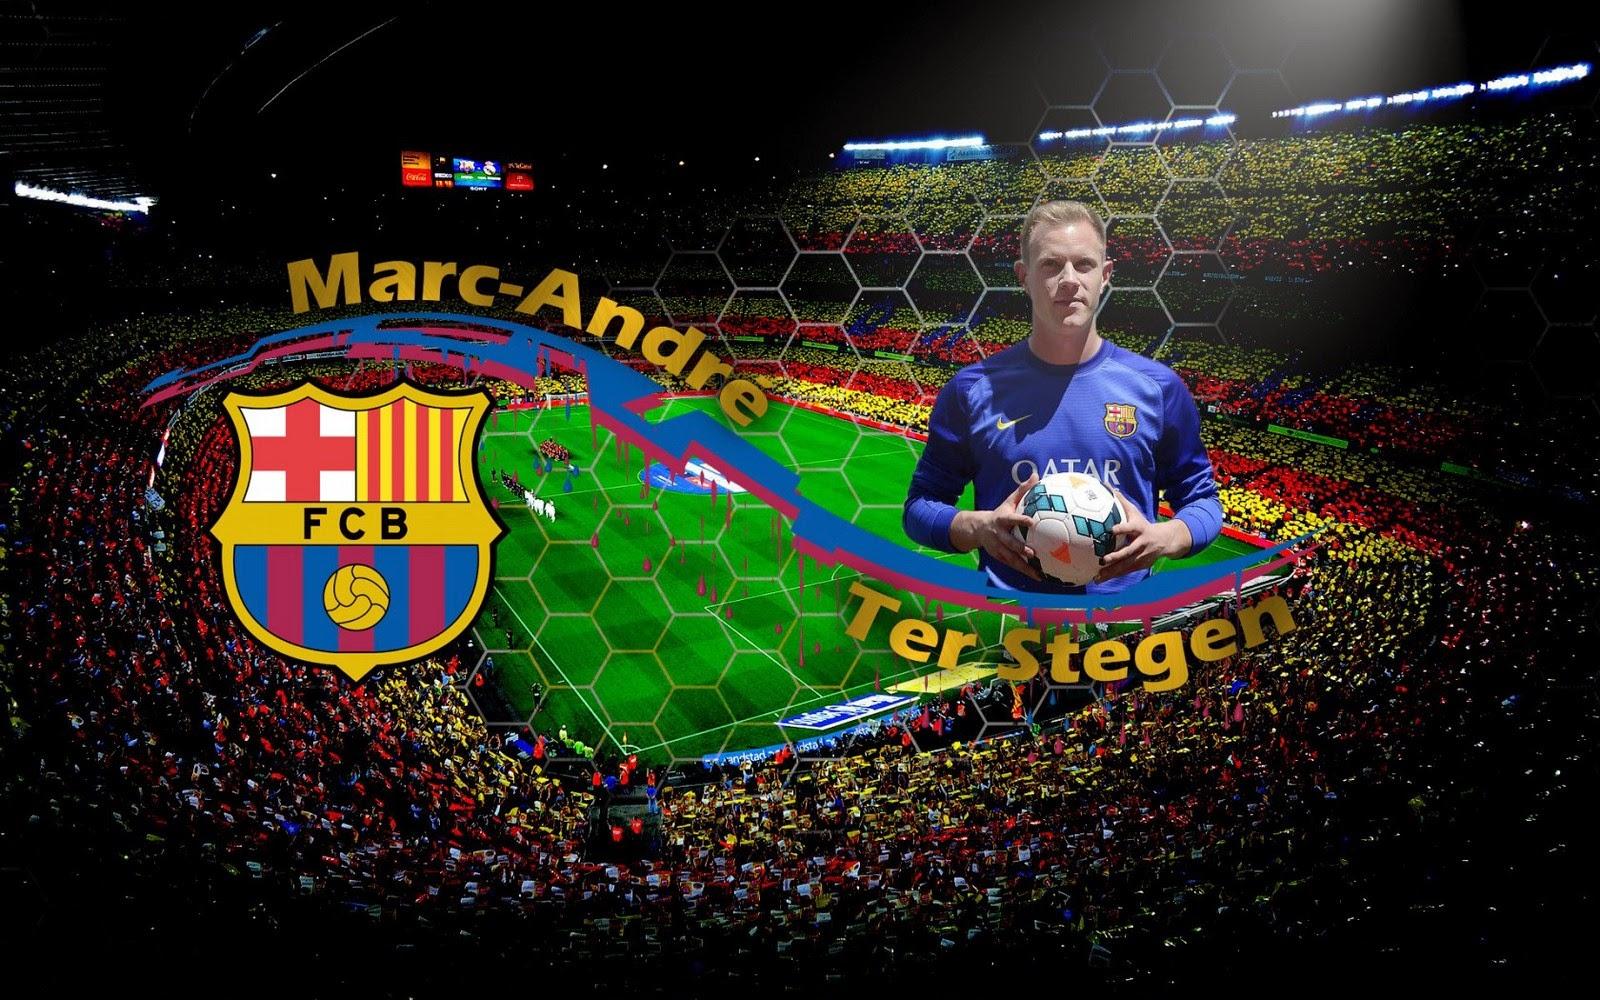 Marc Andre Ter Stegen 2014 FC Barcelona German Goalkeeper HD 1600x1000